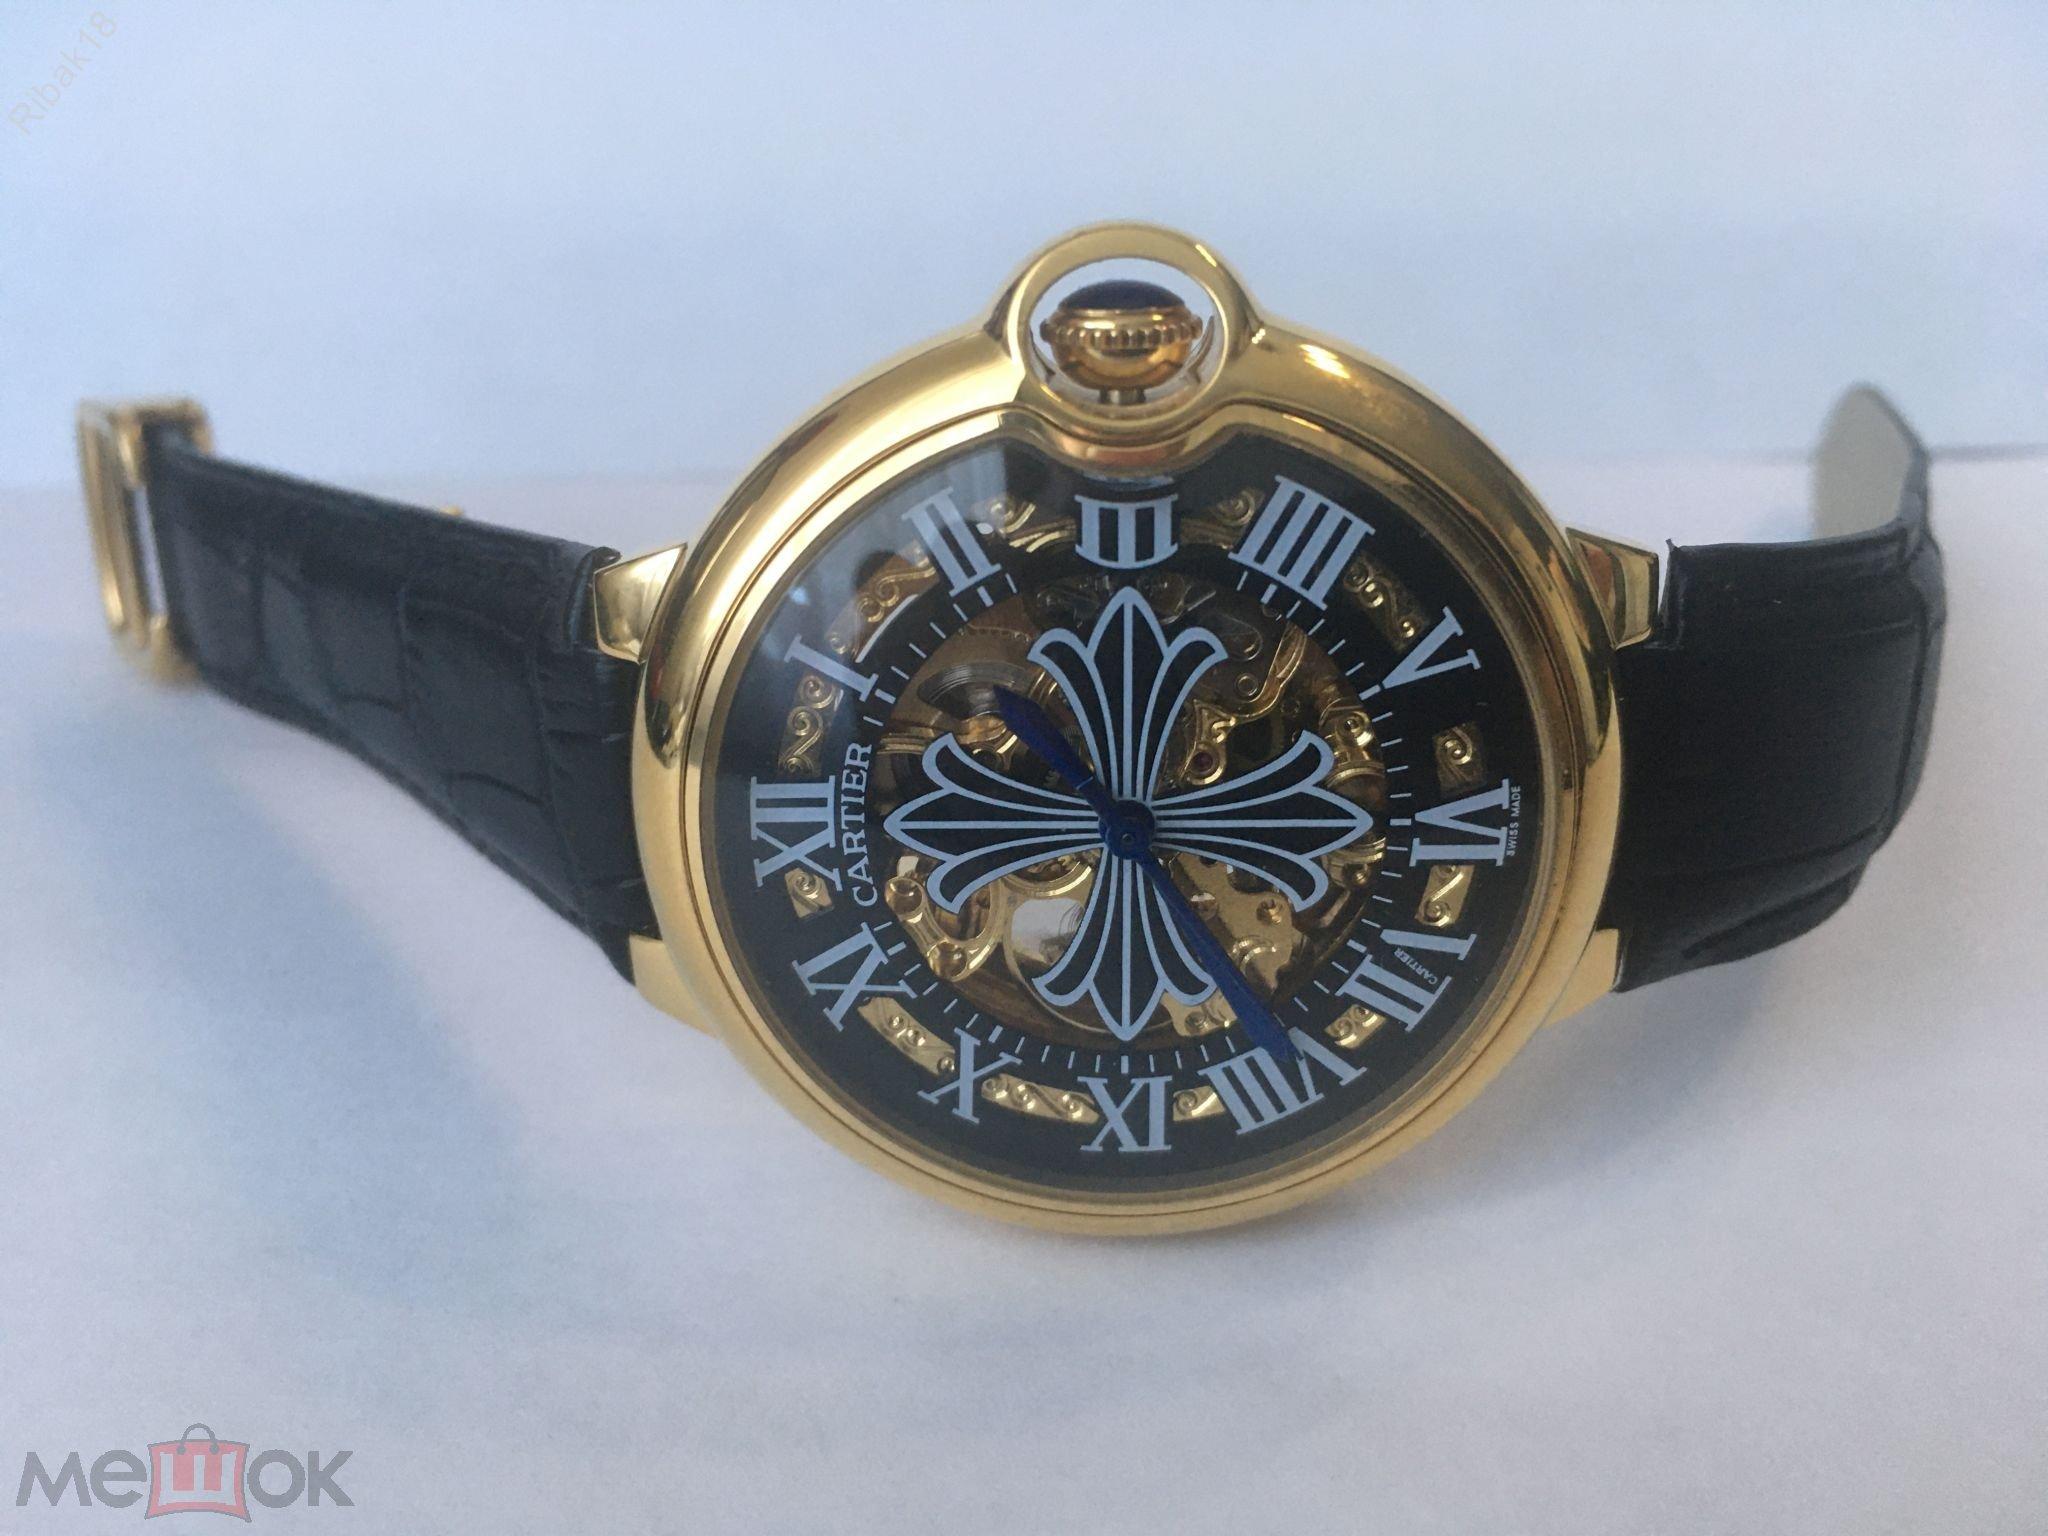 Cartier watch automatic mens часы мужские механические швейцарские